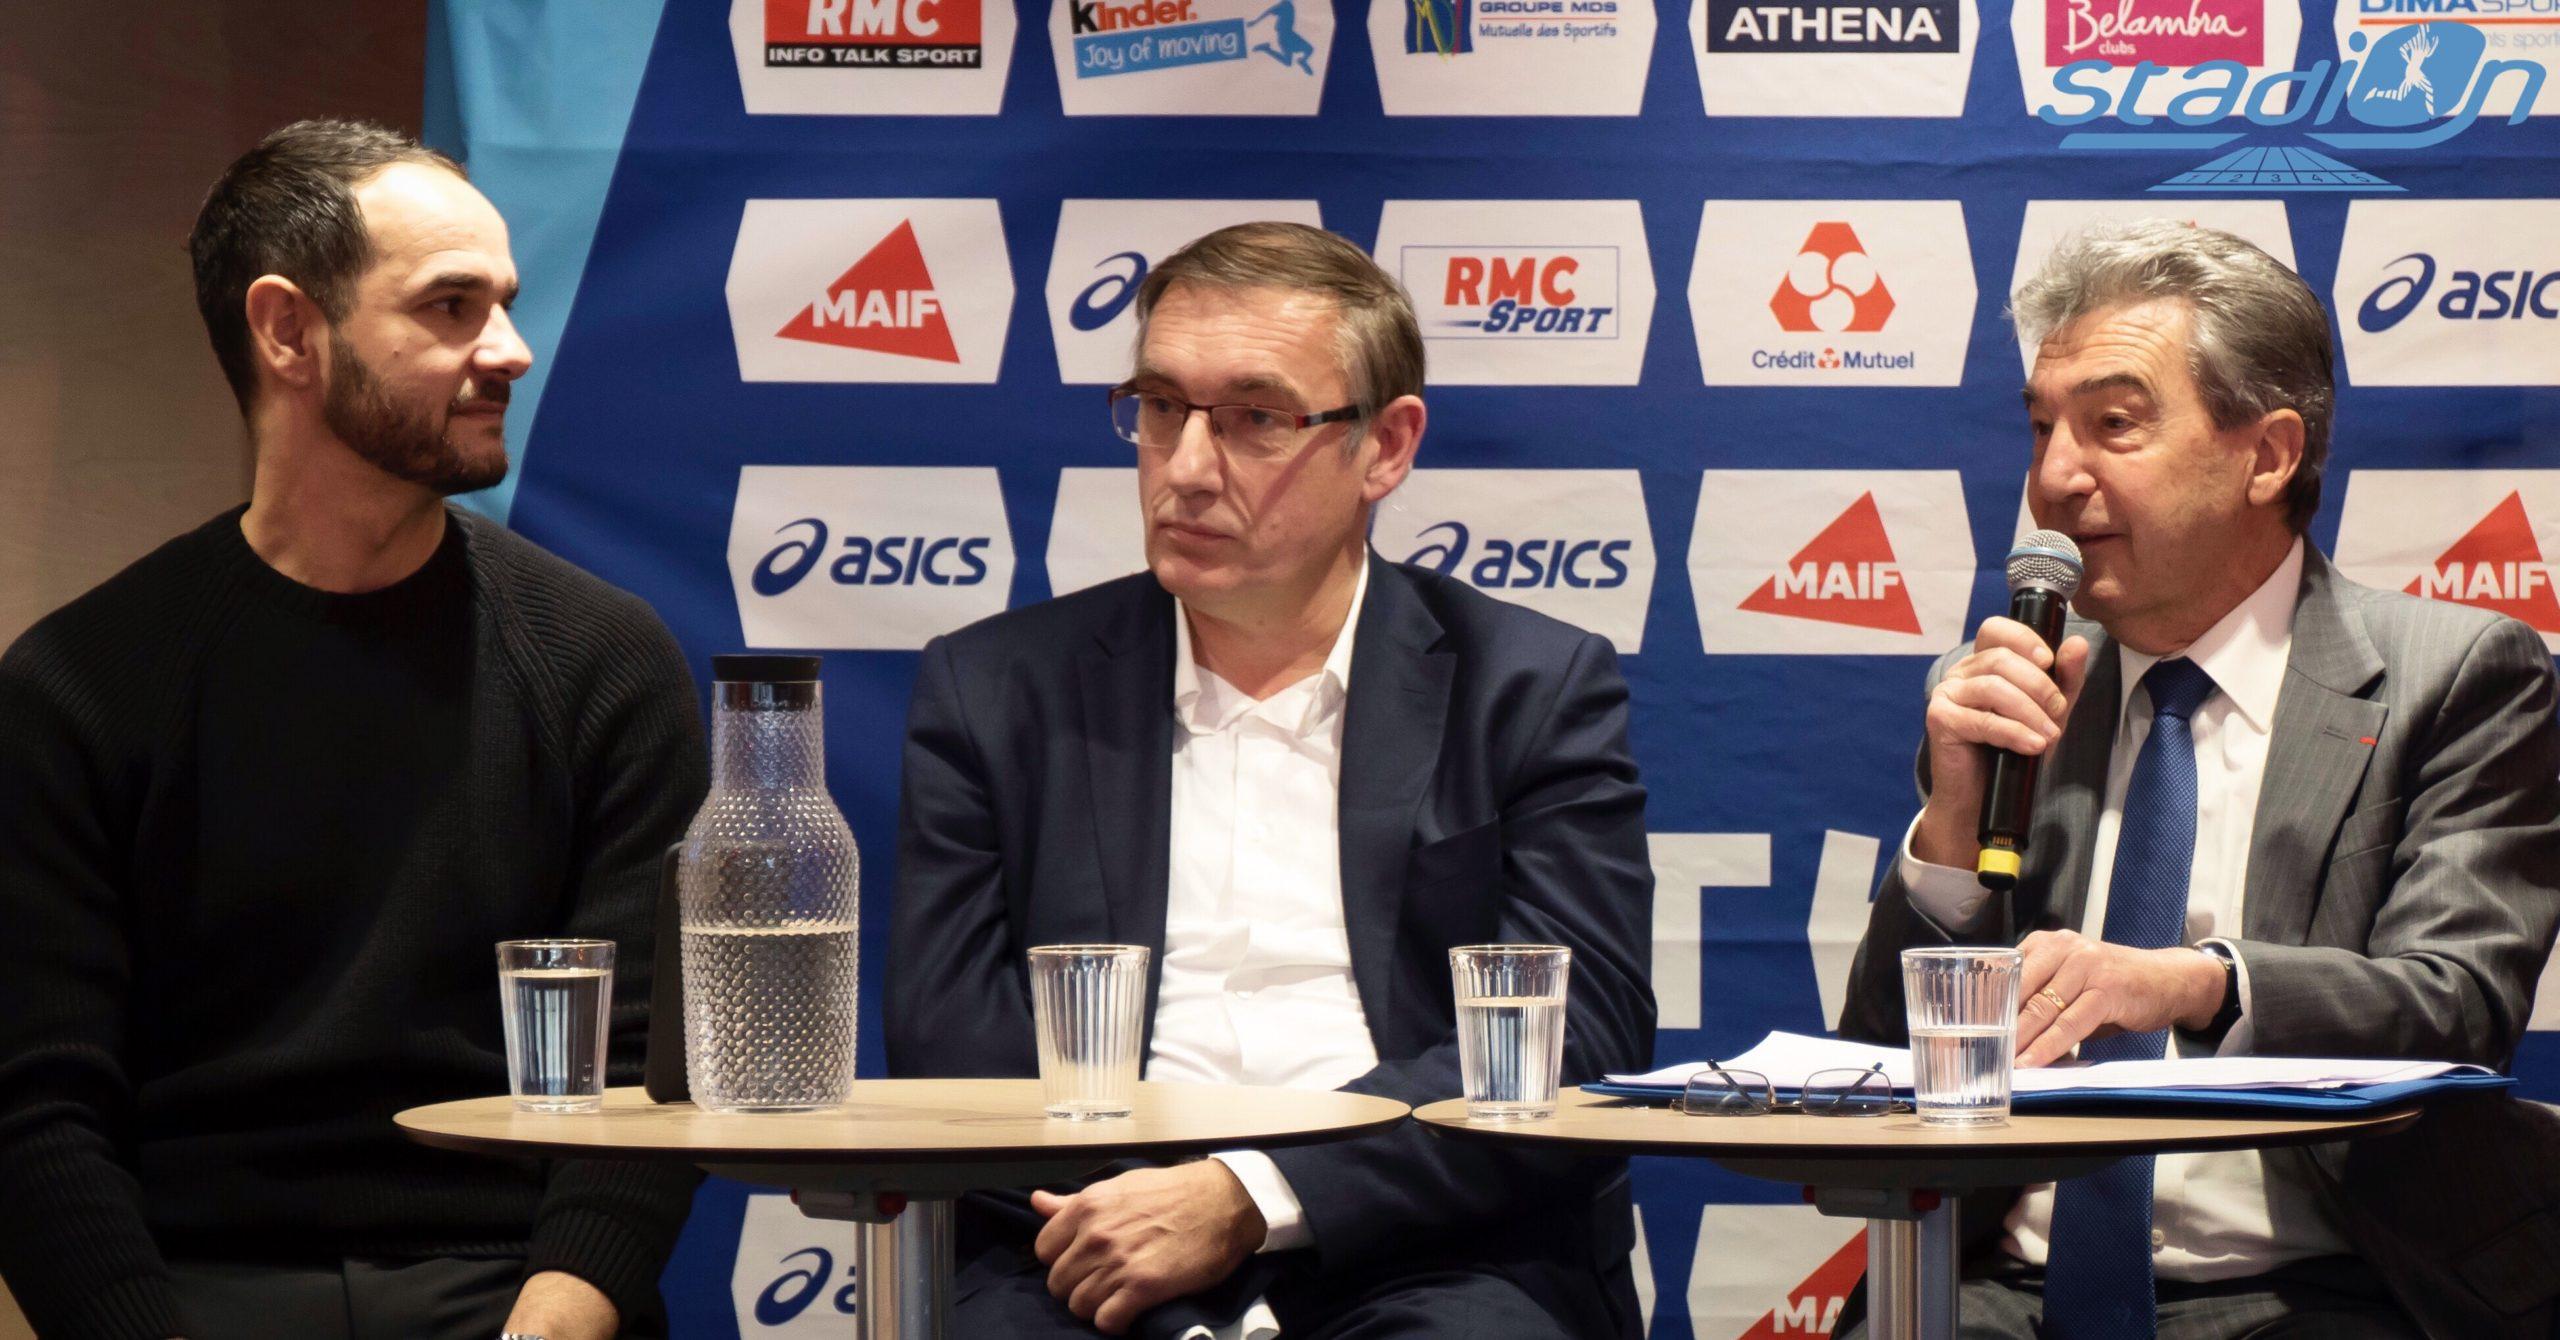 Les défis 2020 de la Fédération Française d'Athlétisme